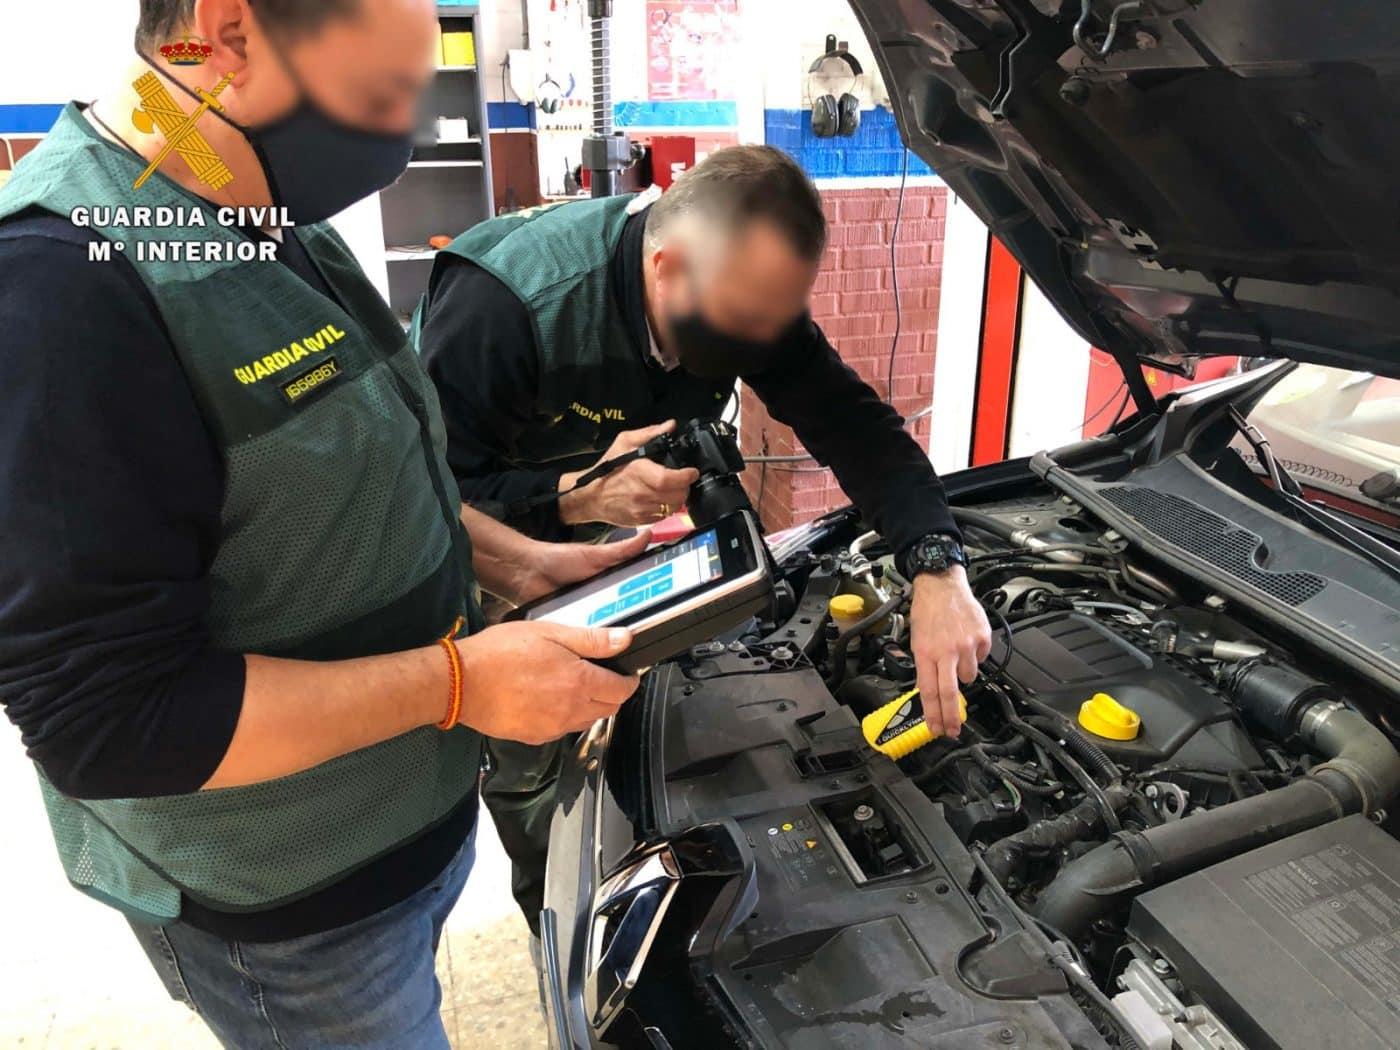 La Guardia Civil investiga a dos personas por vender 41 vehículos con el kilometraje manipulado 1